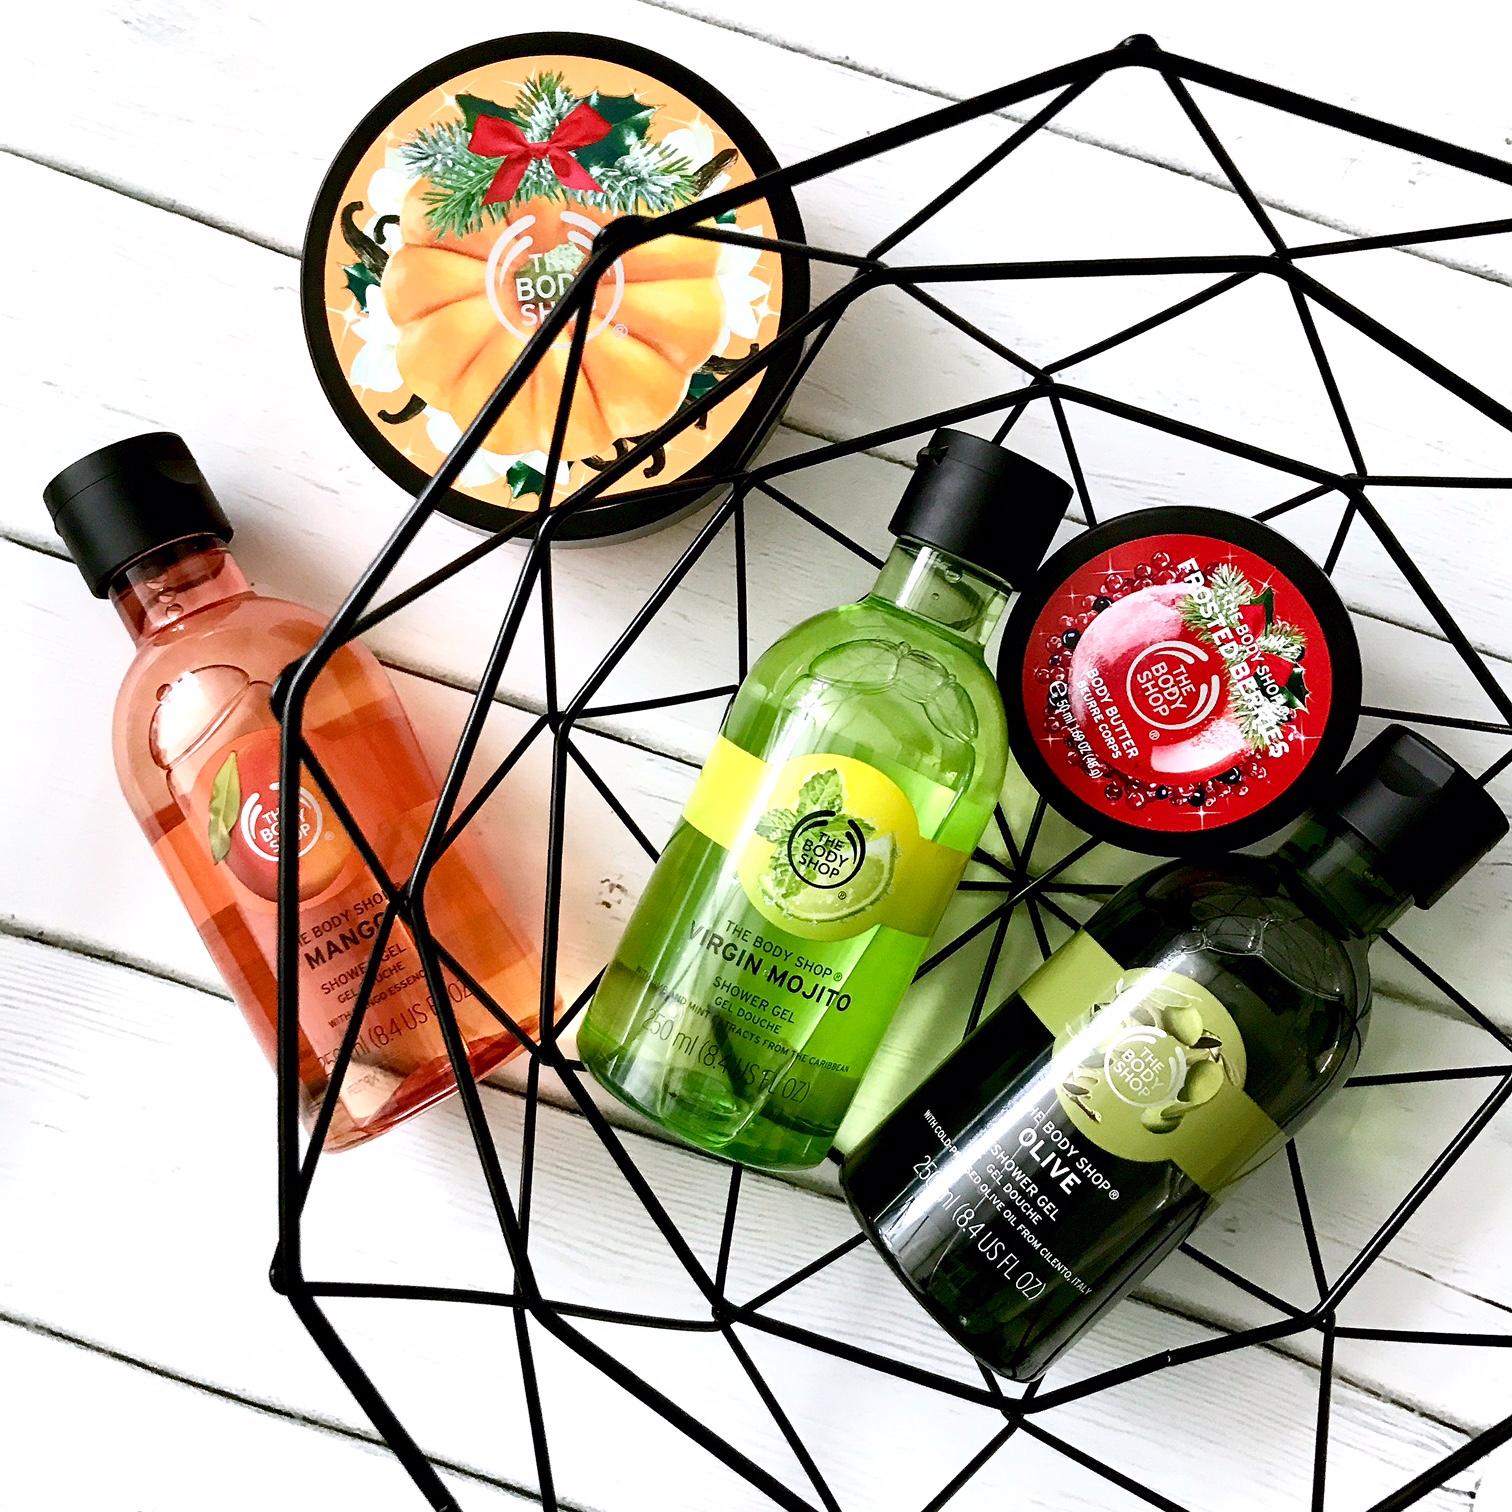 zdjęcie kosmetyków The Body Shop